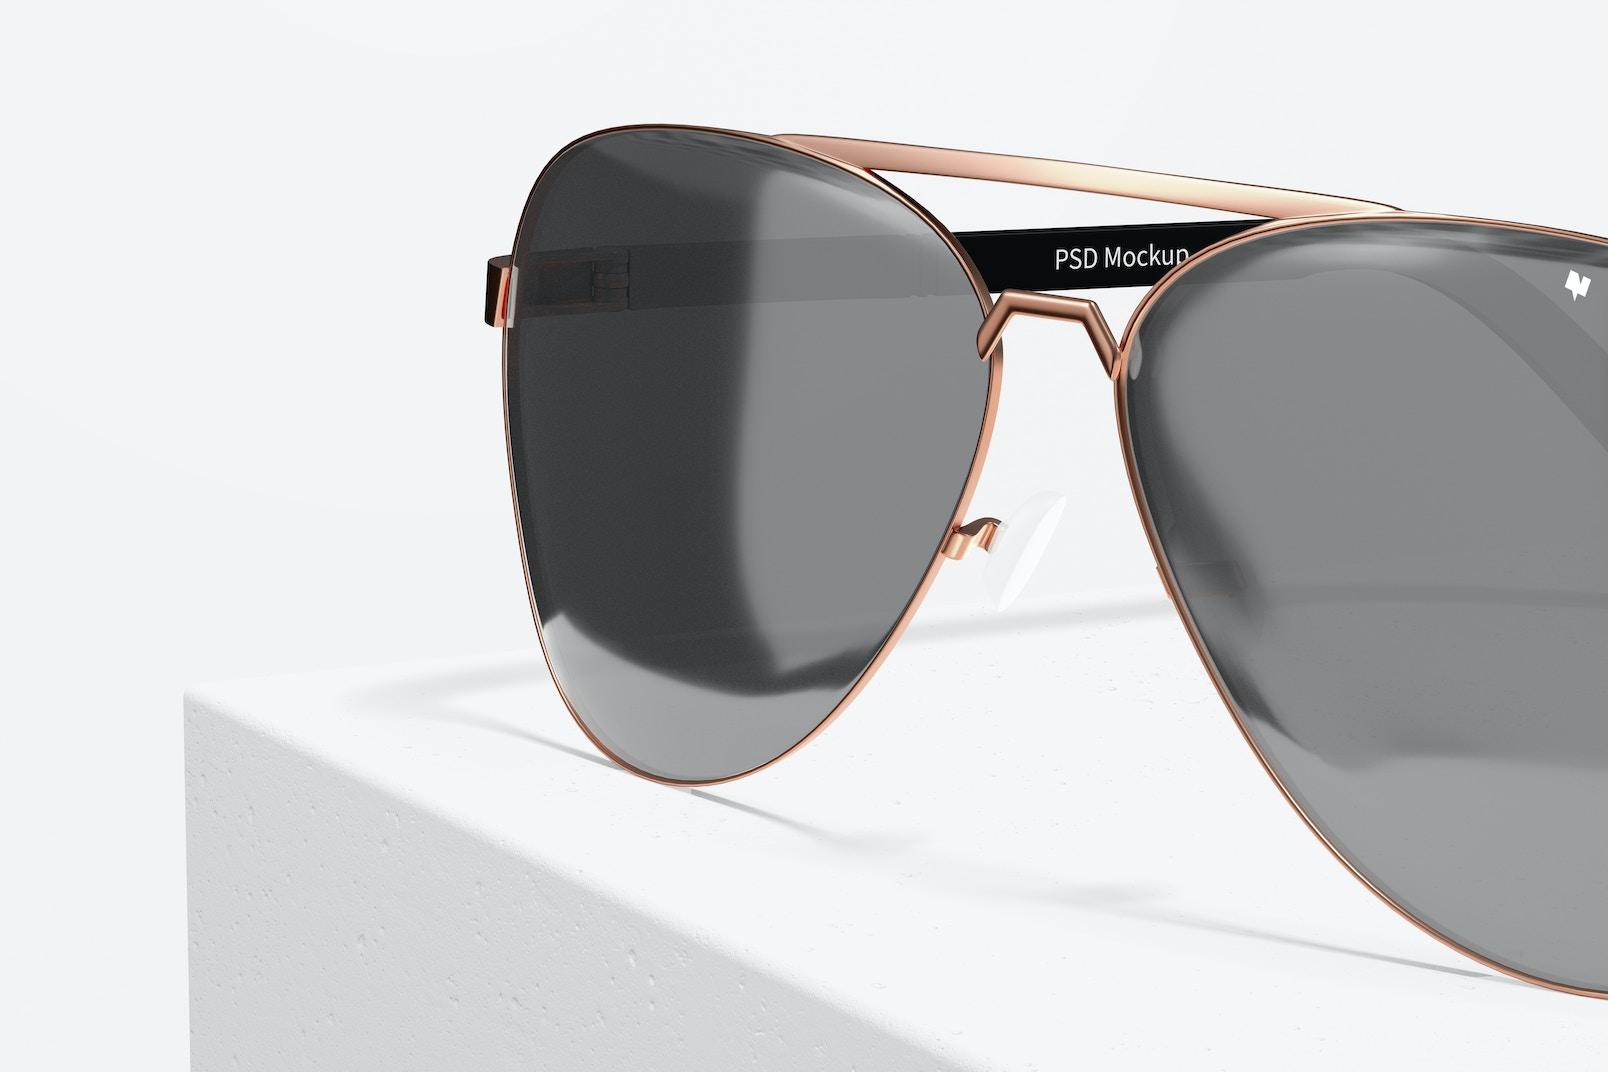 Aviator Sunglasses Mockup, Close Up